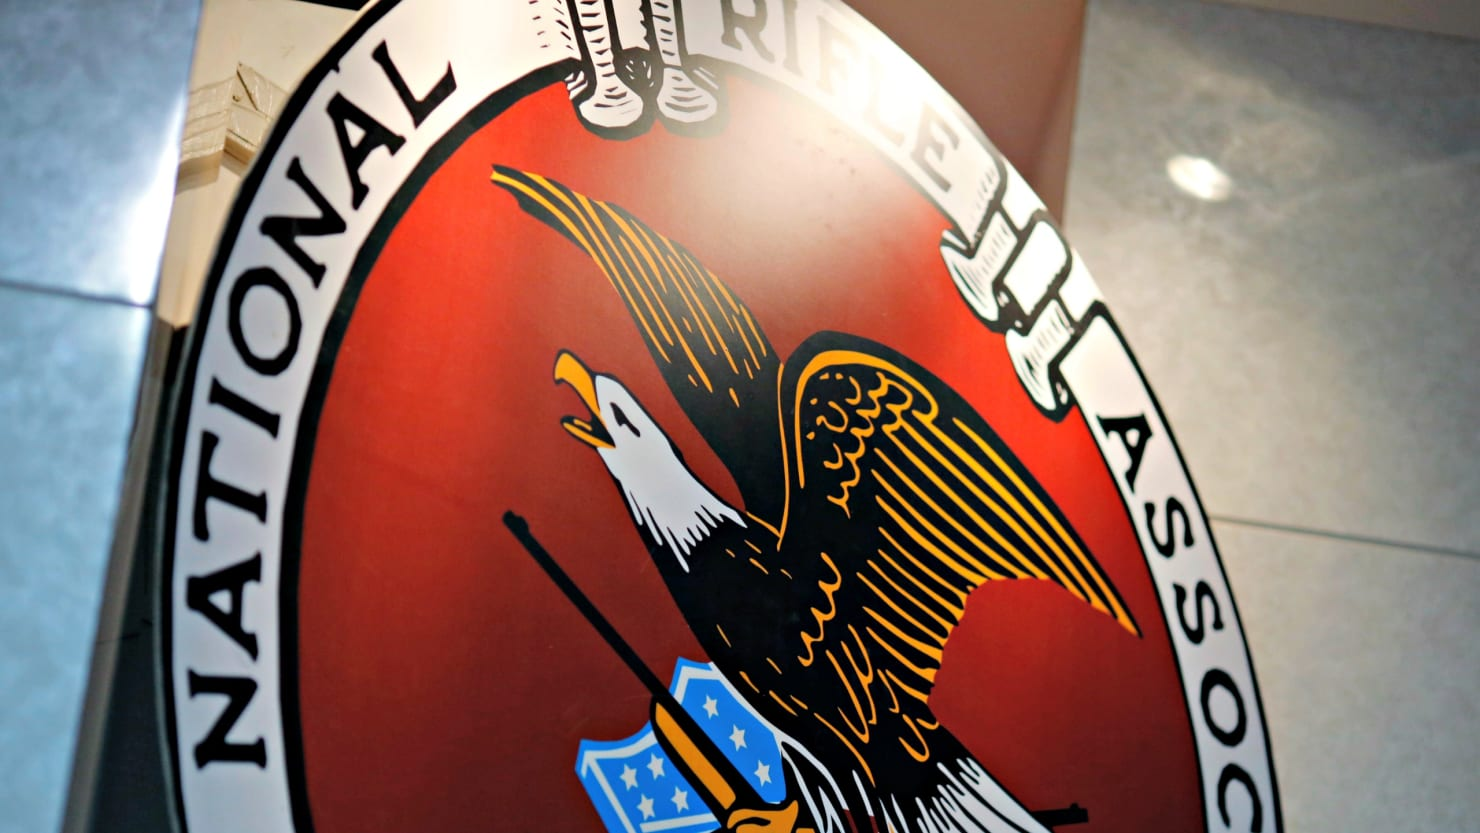 'Kremlin Used' NRA to Help Trump in 2016, Says Senate Intelligence Committee